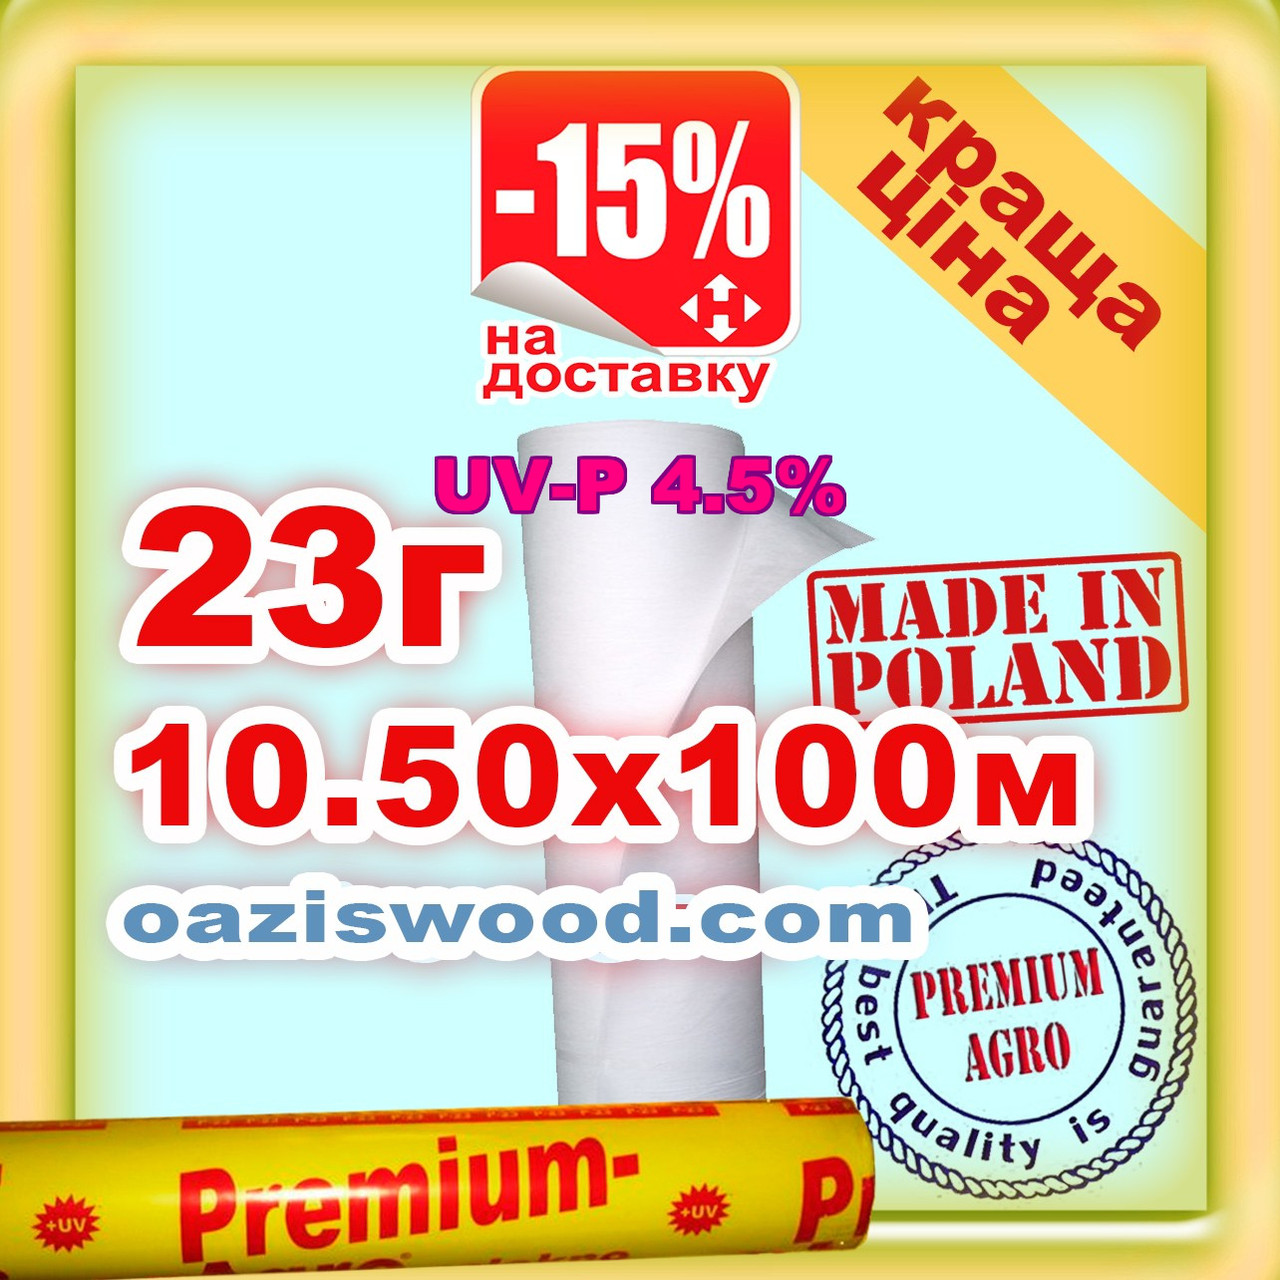 Агроволокно р-23g 10.5*100м белое UV-P 4.5% Premium-Agro Польша